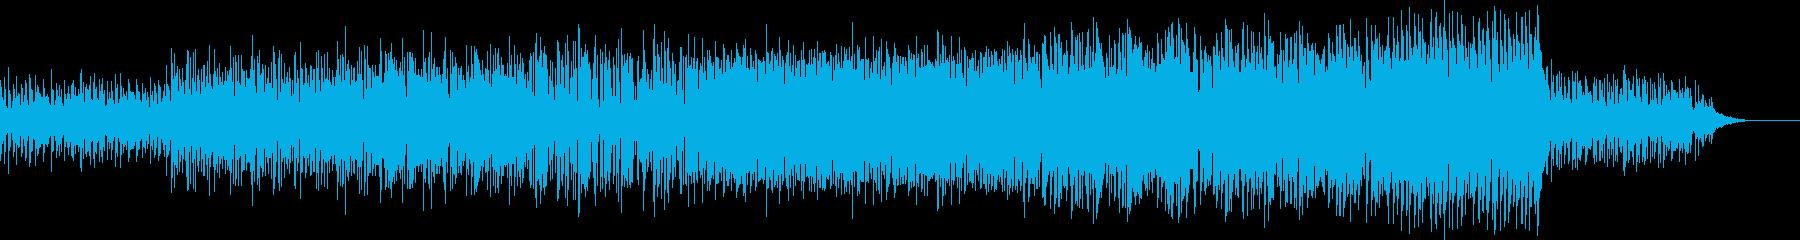 明るく軽快で前向きなイメージの曲の再生済みの波形